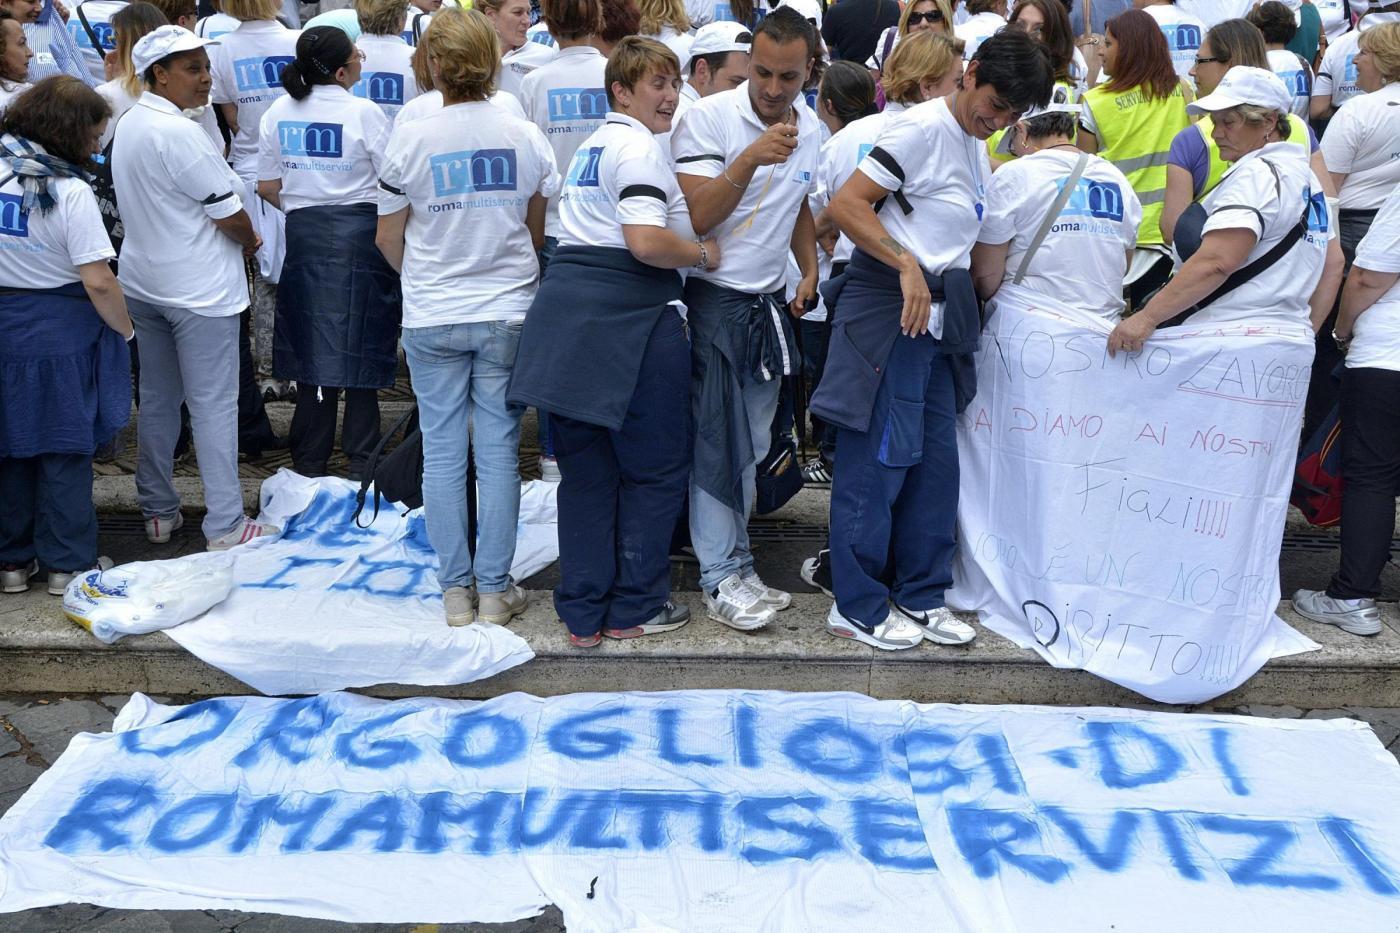 Multiservizi da oggi presidio dei lavoratori in piazza for Piazza montecitorio 12